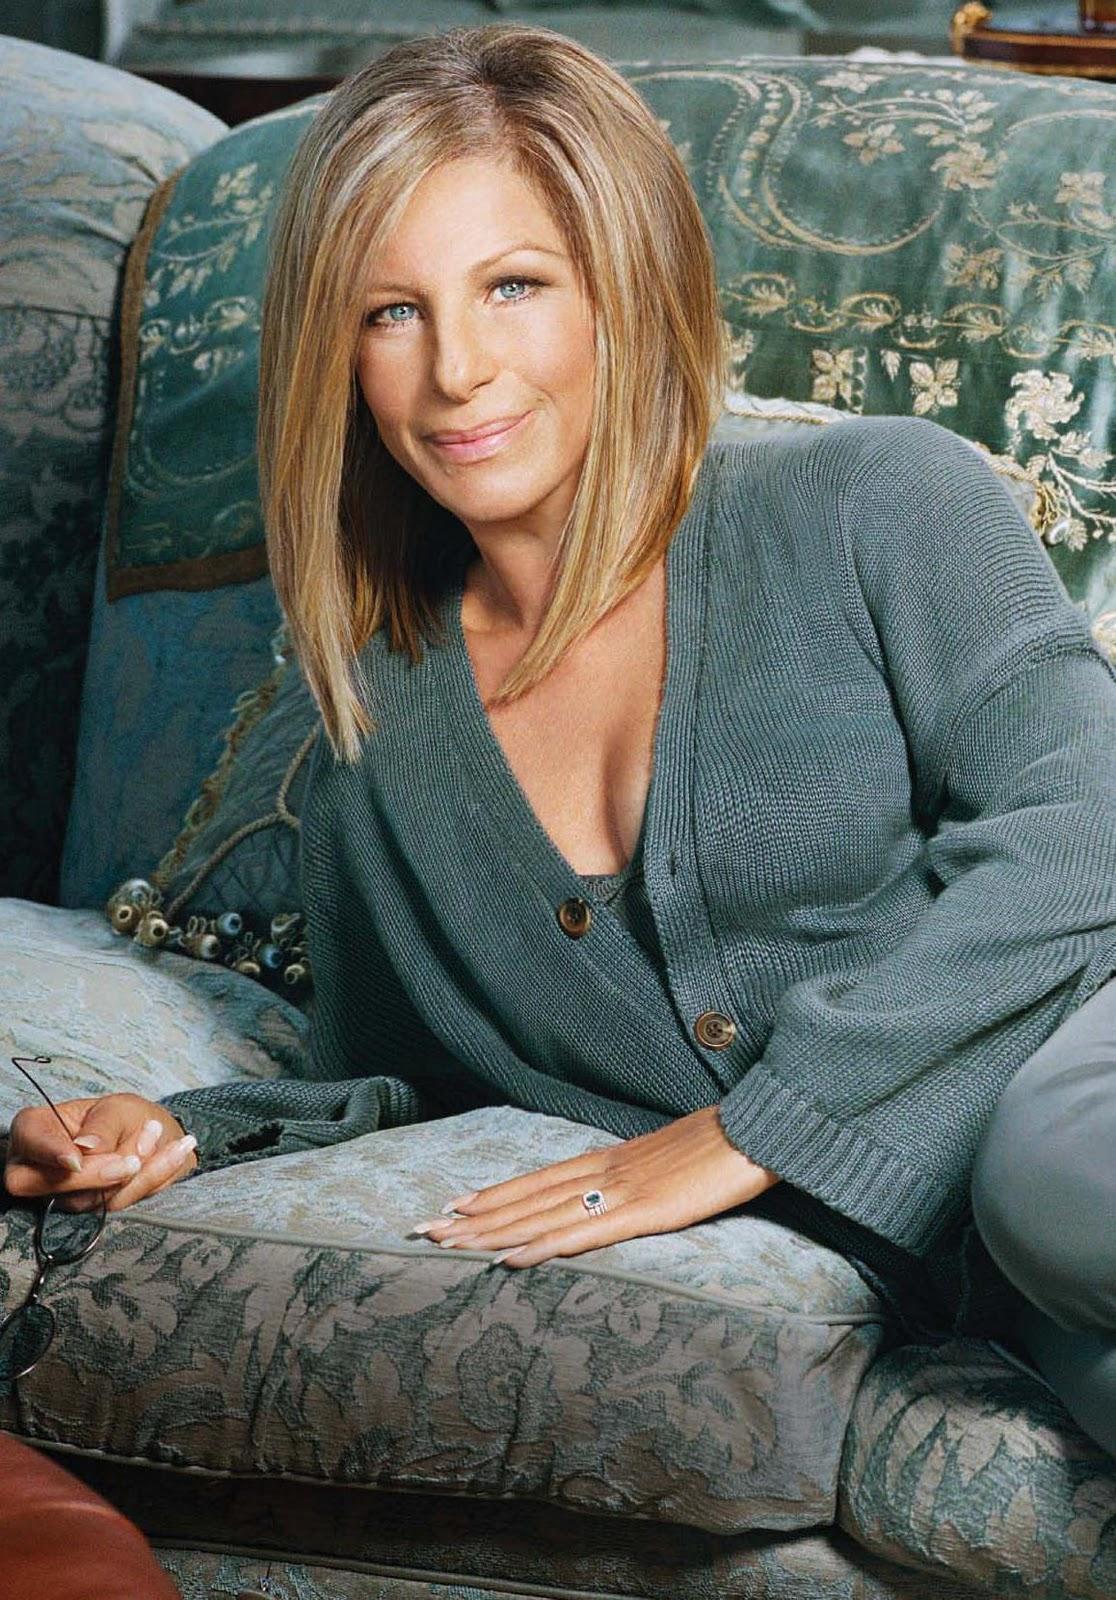 http://3.bp.blogspot.com/_0nhqkJYBP4U/TTmv1OWByjI/AAAAAAAAFZw/qXE6XPFZ8ZU/s1600/Barbra+Streisand.jpg